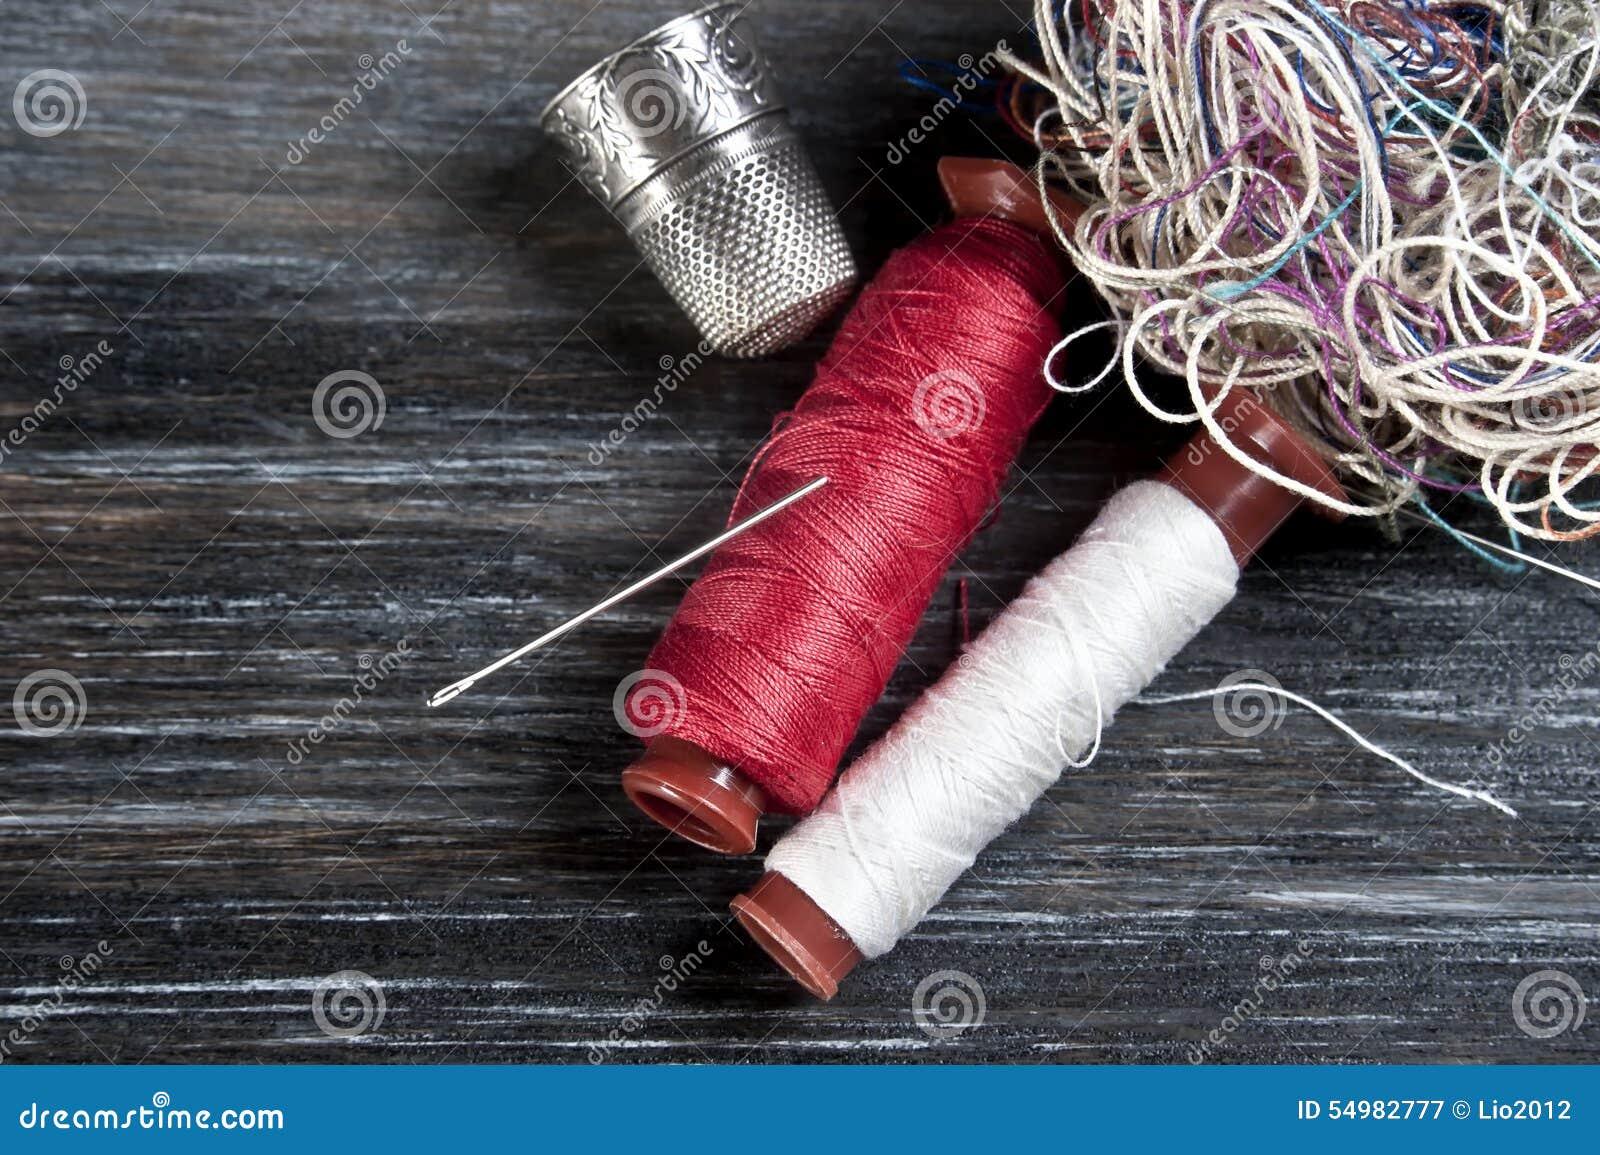 缝合短管轴纹理线程数的针剪刀穿线了工具